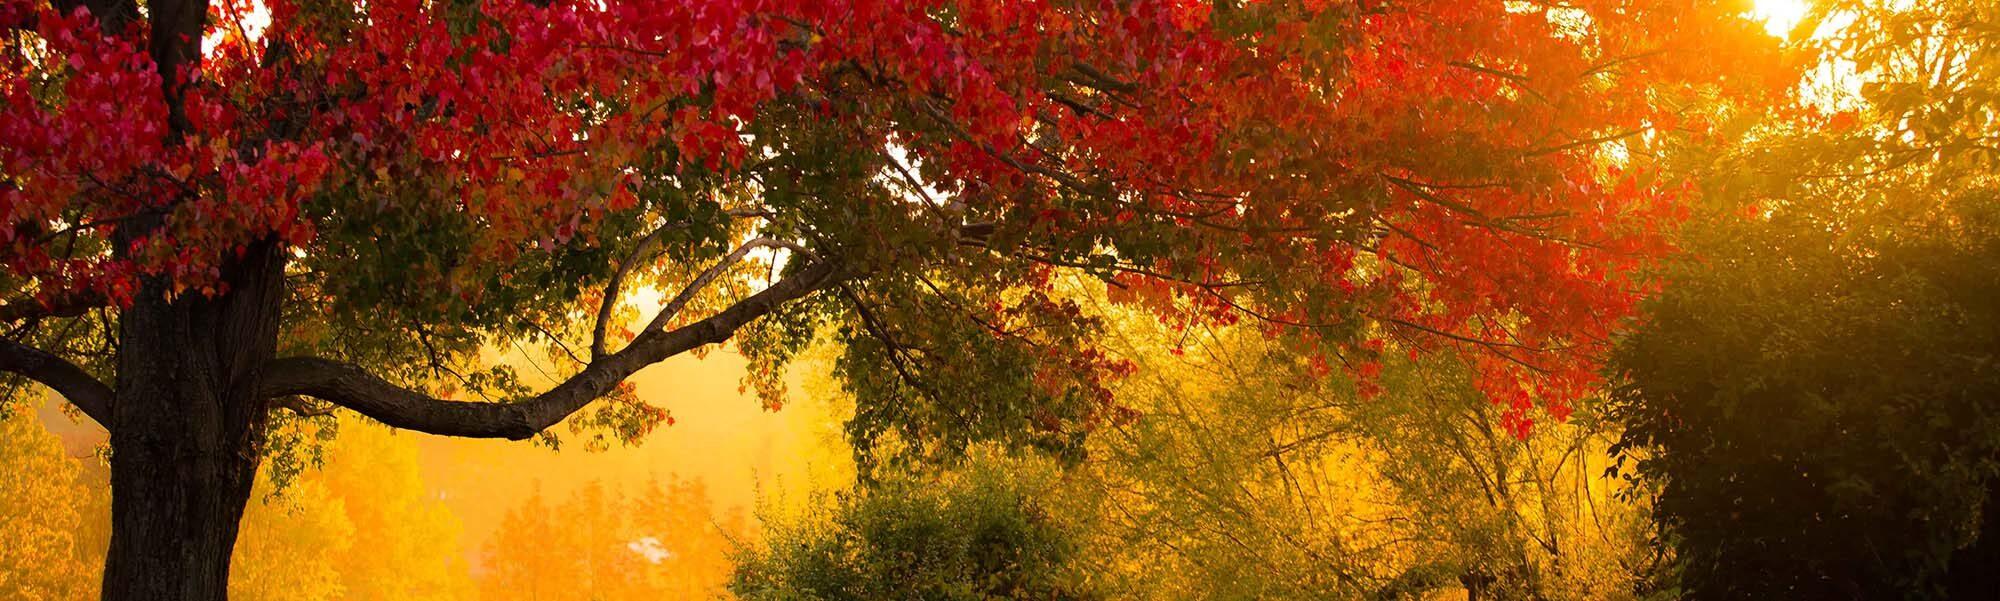 Sunrise Through the Maples